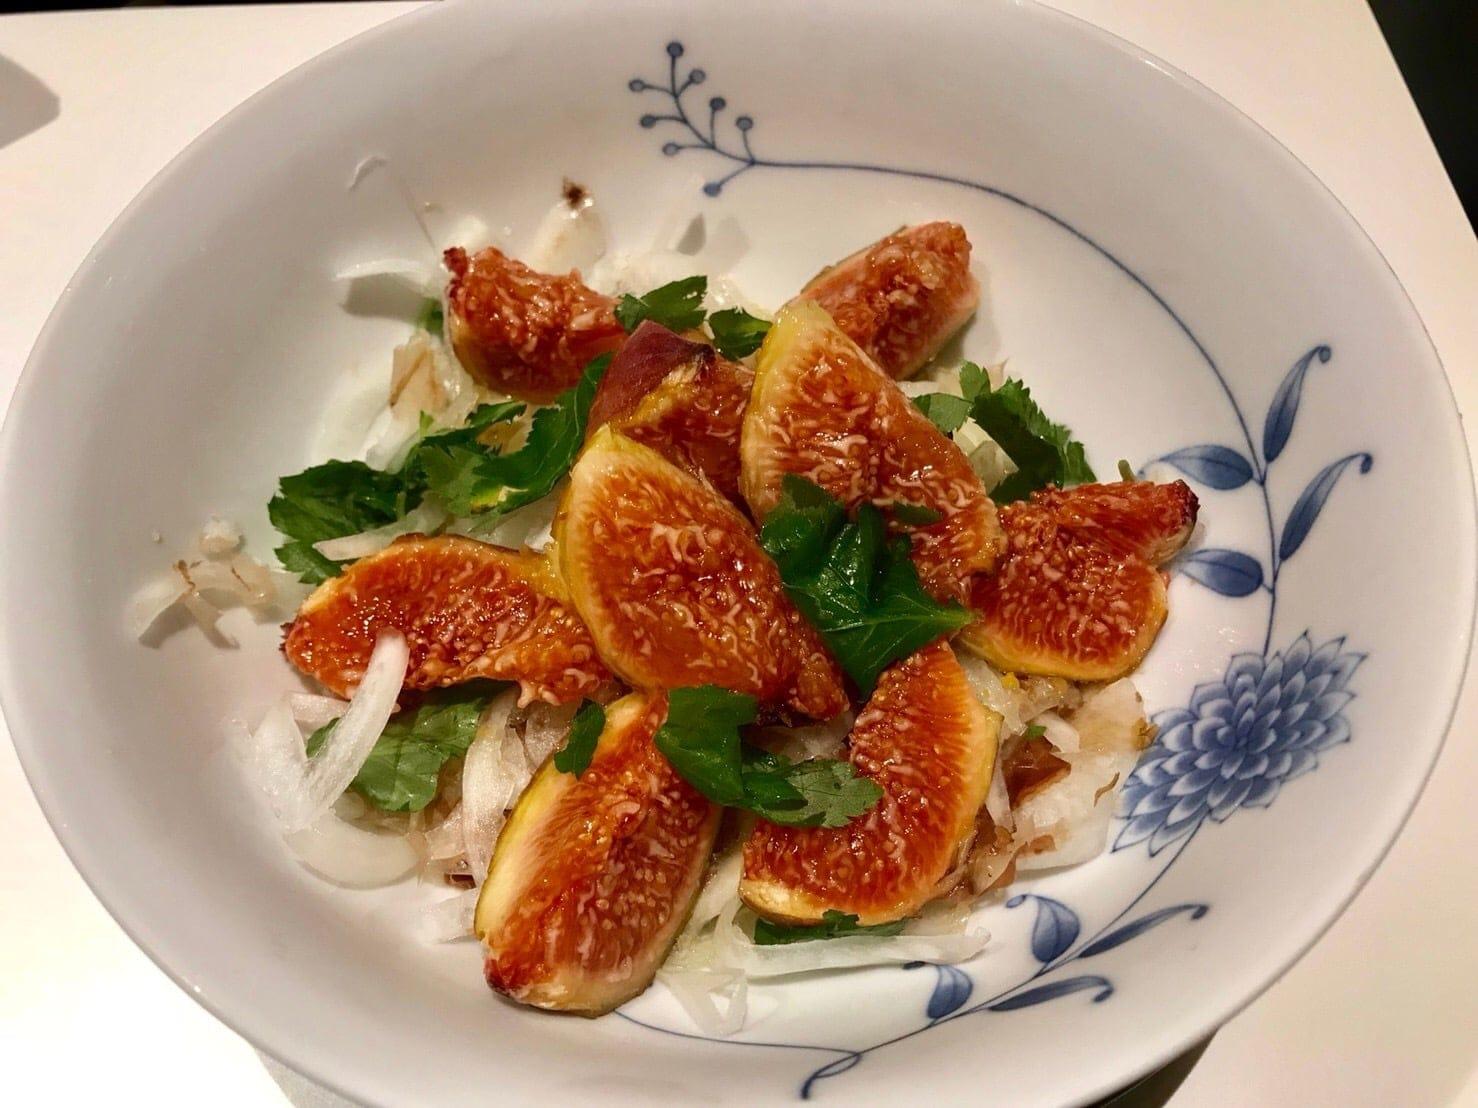 美味しく食べて体質改善! オトナ女子のための オーブルリエ スペシャルコース ウェブチケットのイメージその2